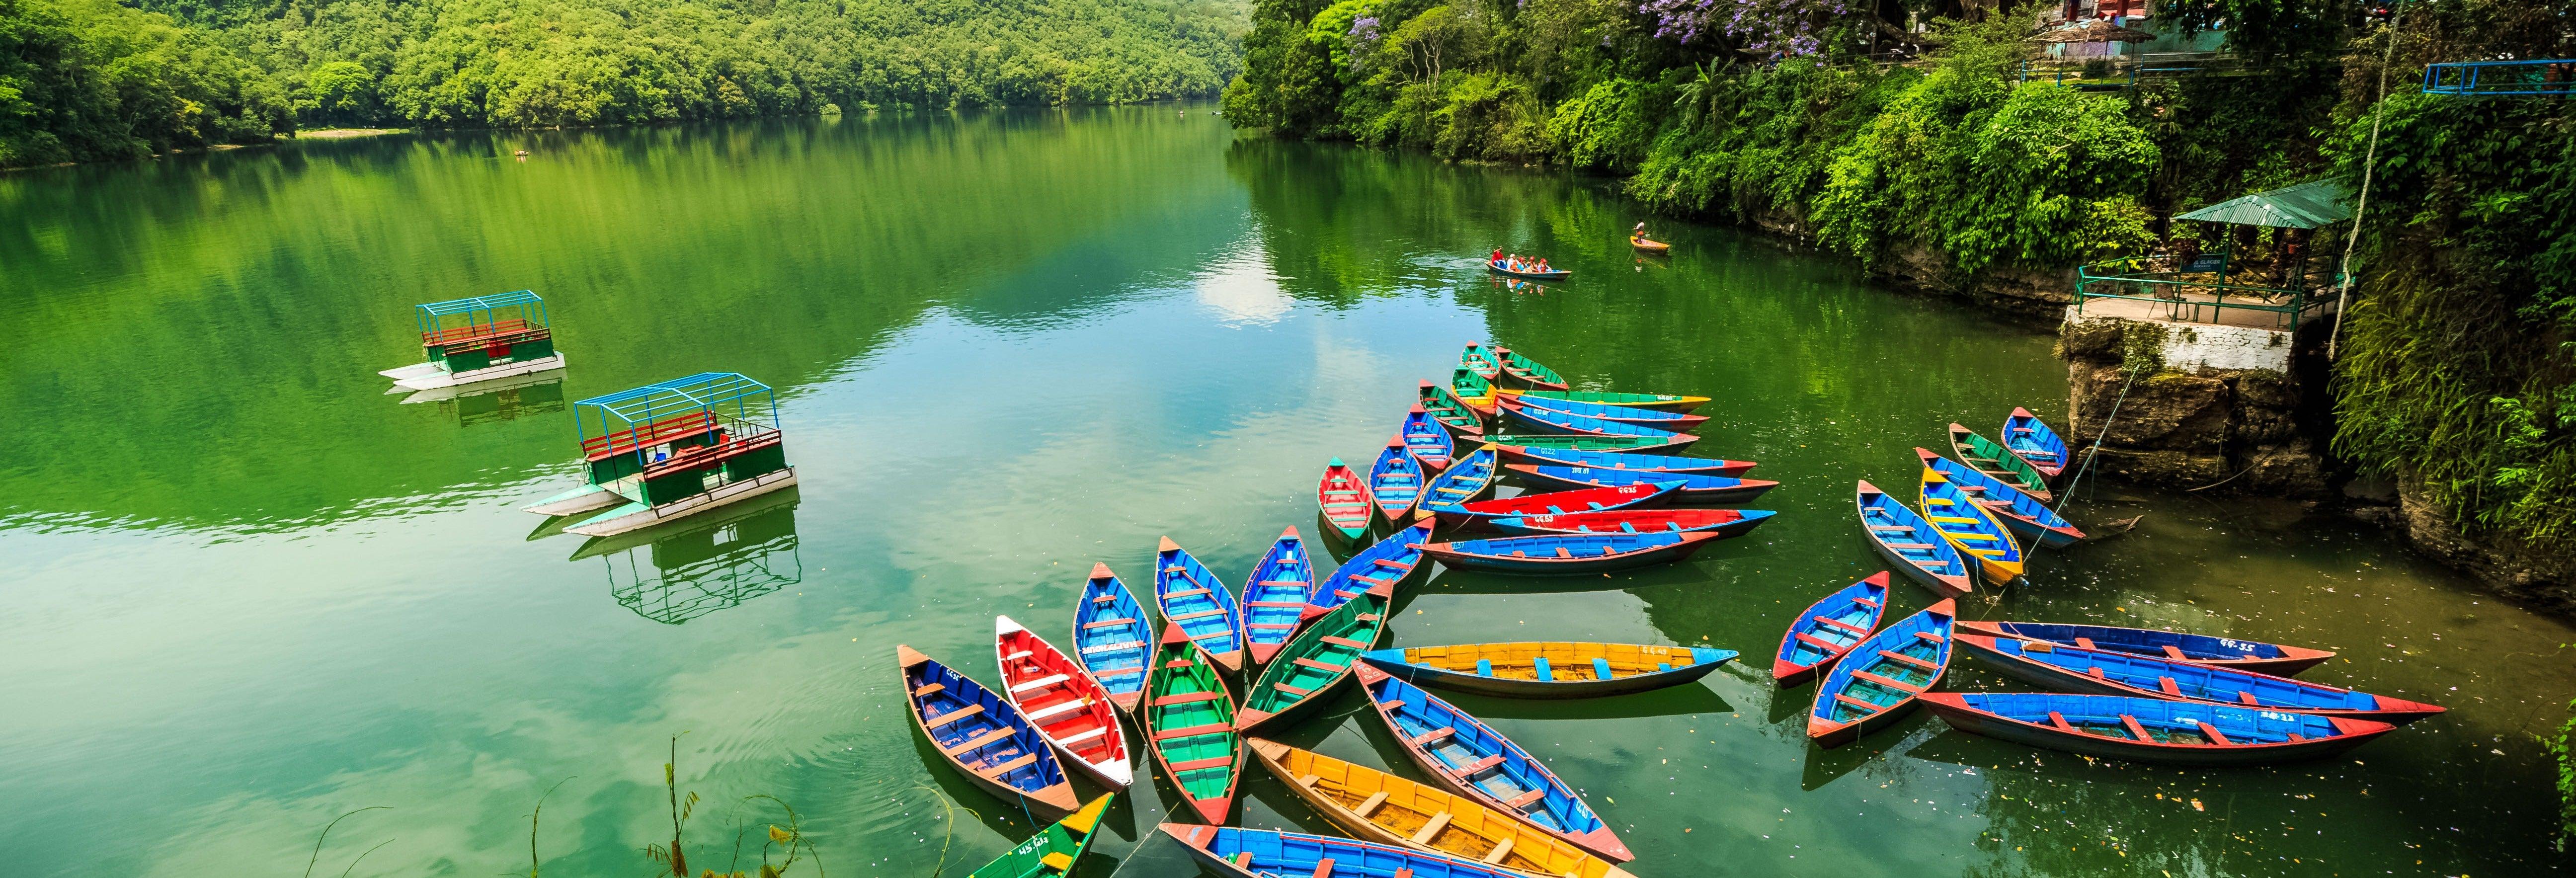 Paseo en barco por el Lago Phewa + Visita a la Pagoda de la Paz